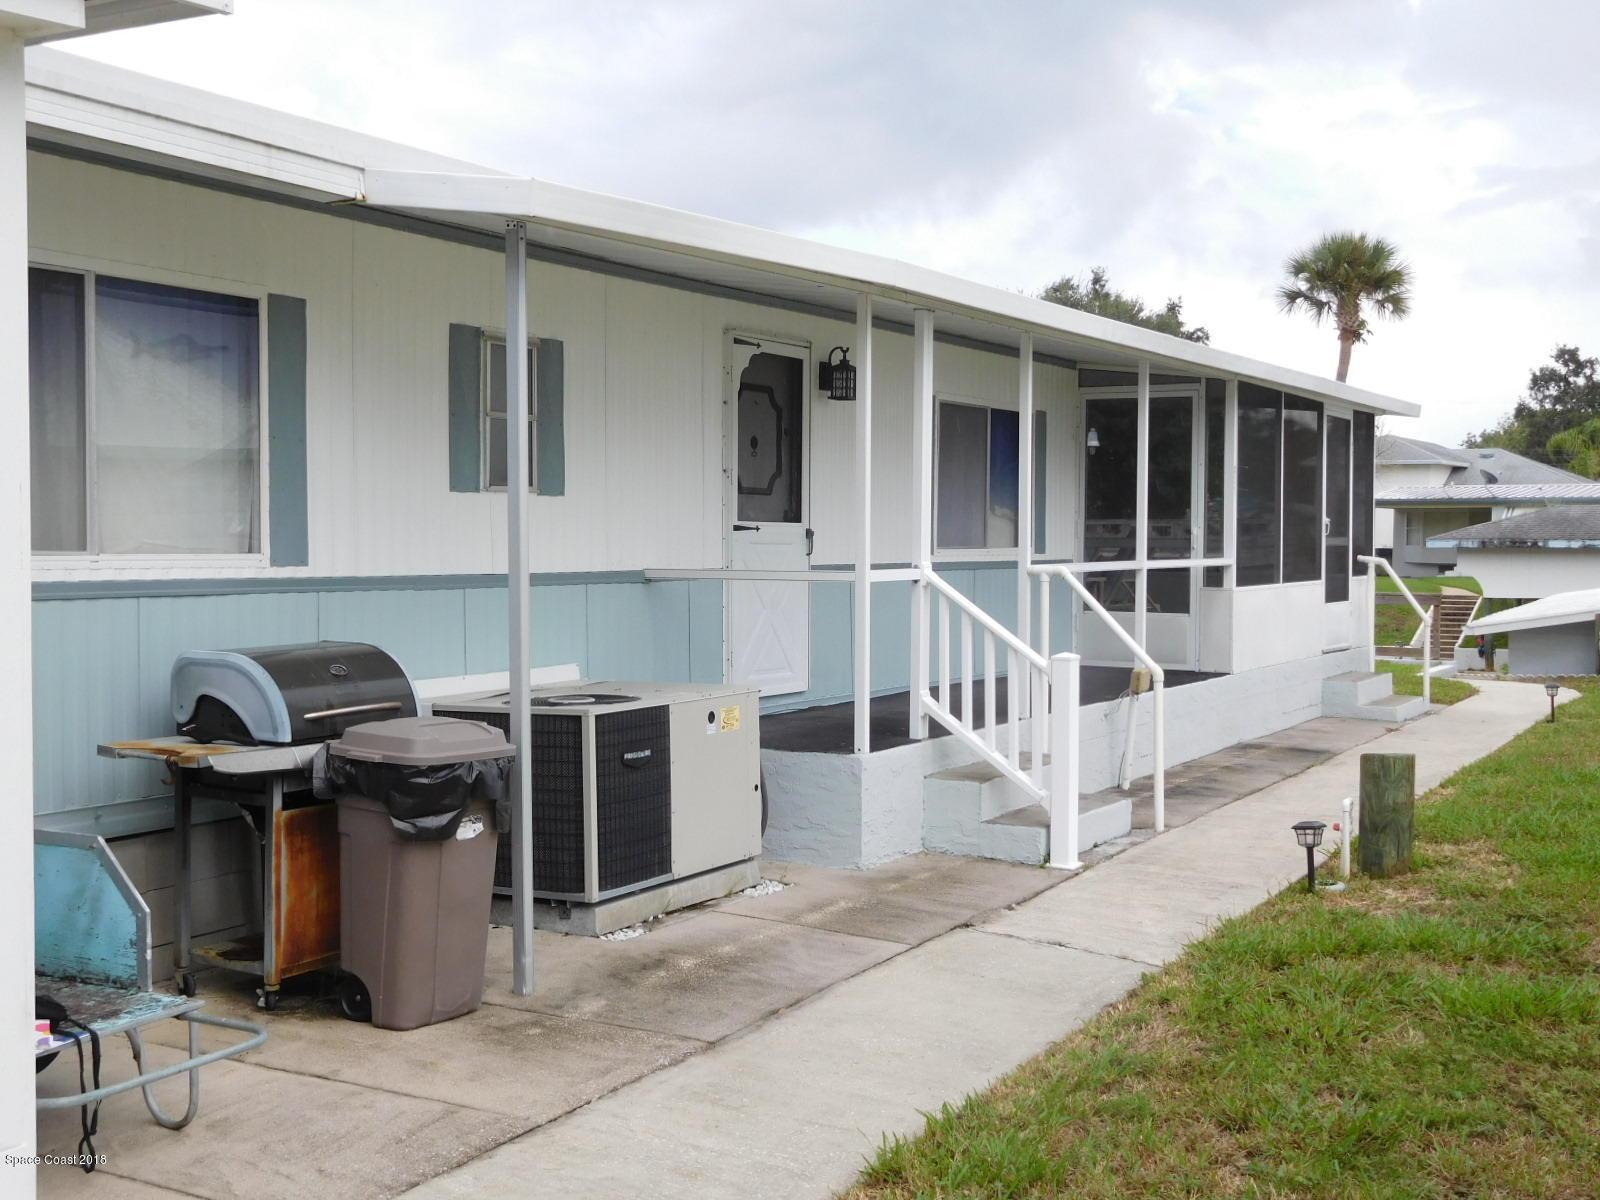 House for Sale at 217 E Ariel 217 E Ariel Oak Hill, Florida 32759 United States